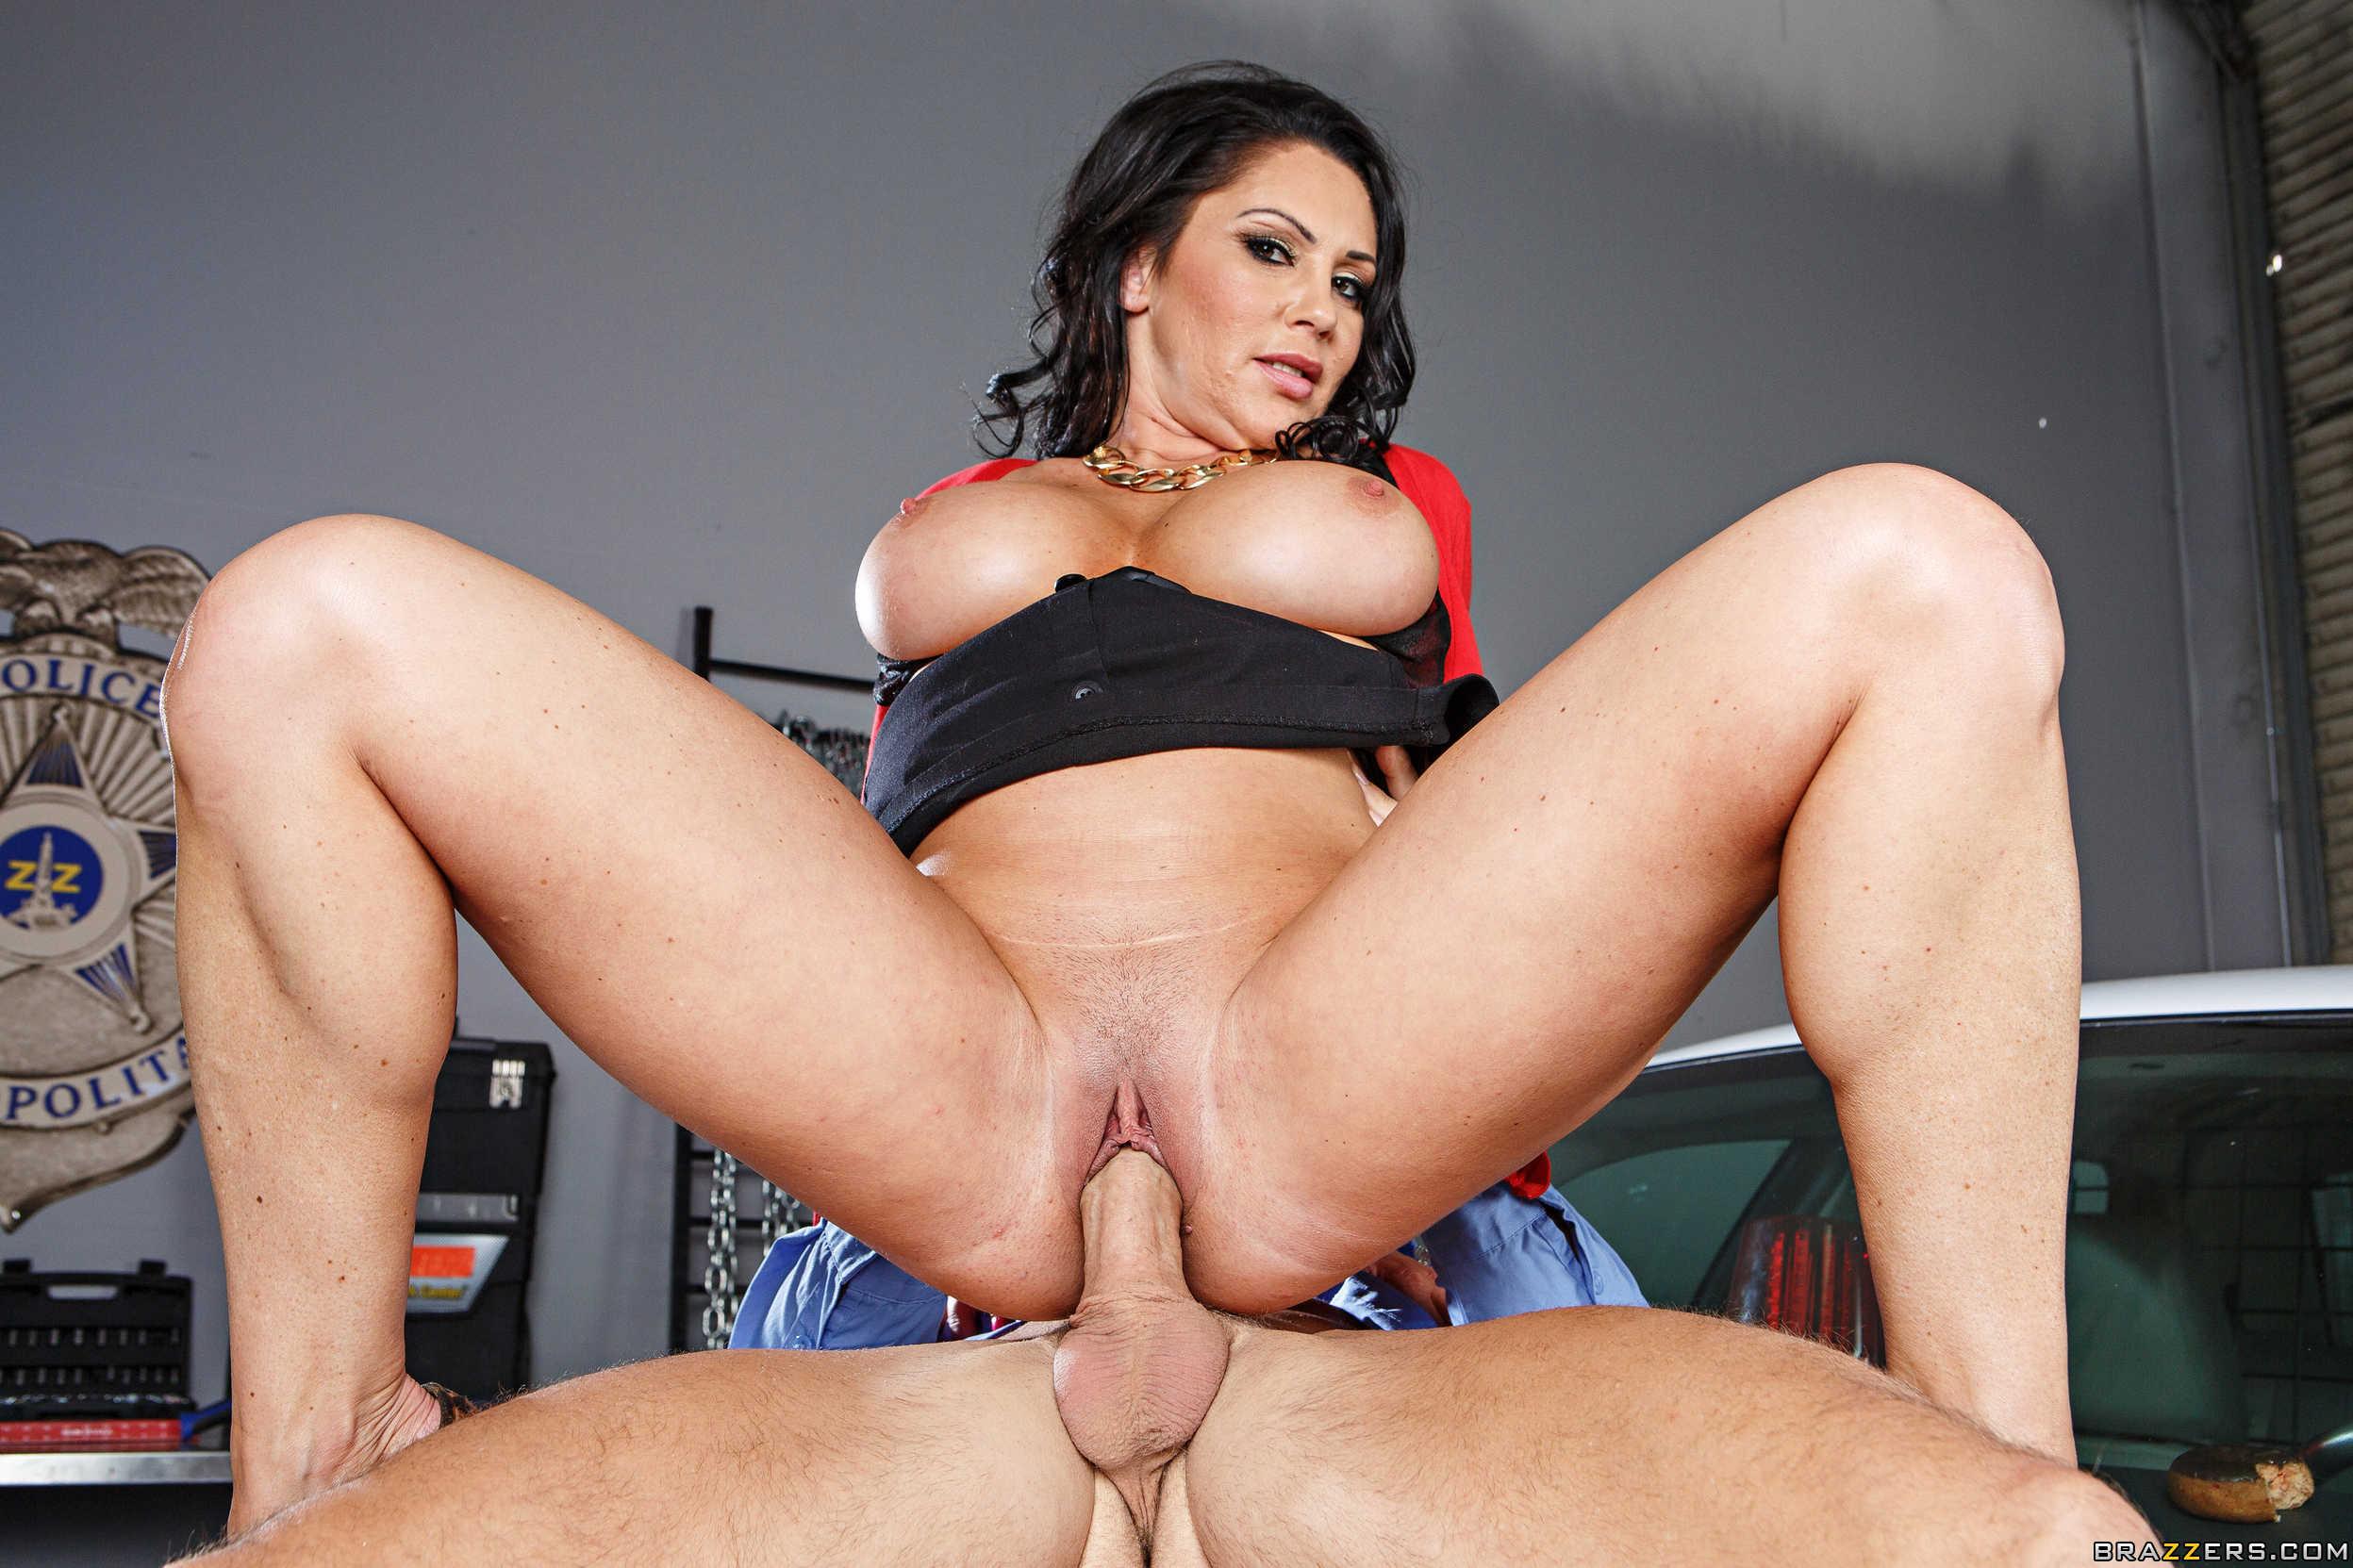 April 2014 Your Best Porn Source April 2 2014